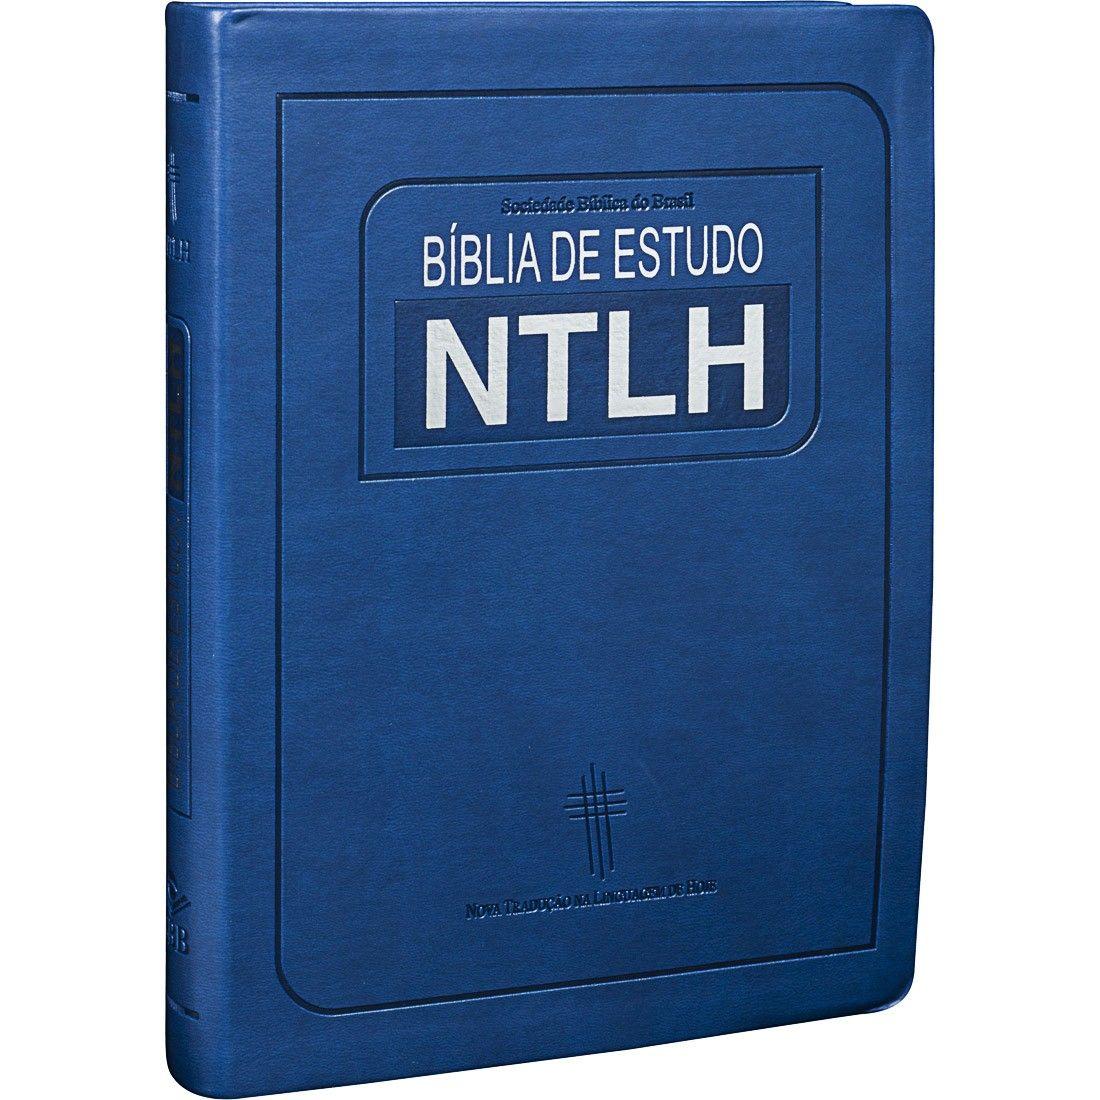 BÍBLIA DE ESTUDO NTLH GRANDE AZUL